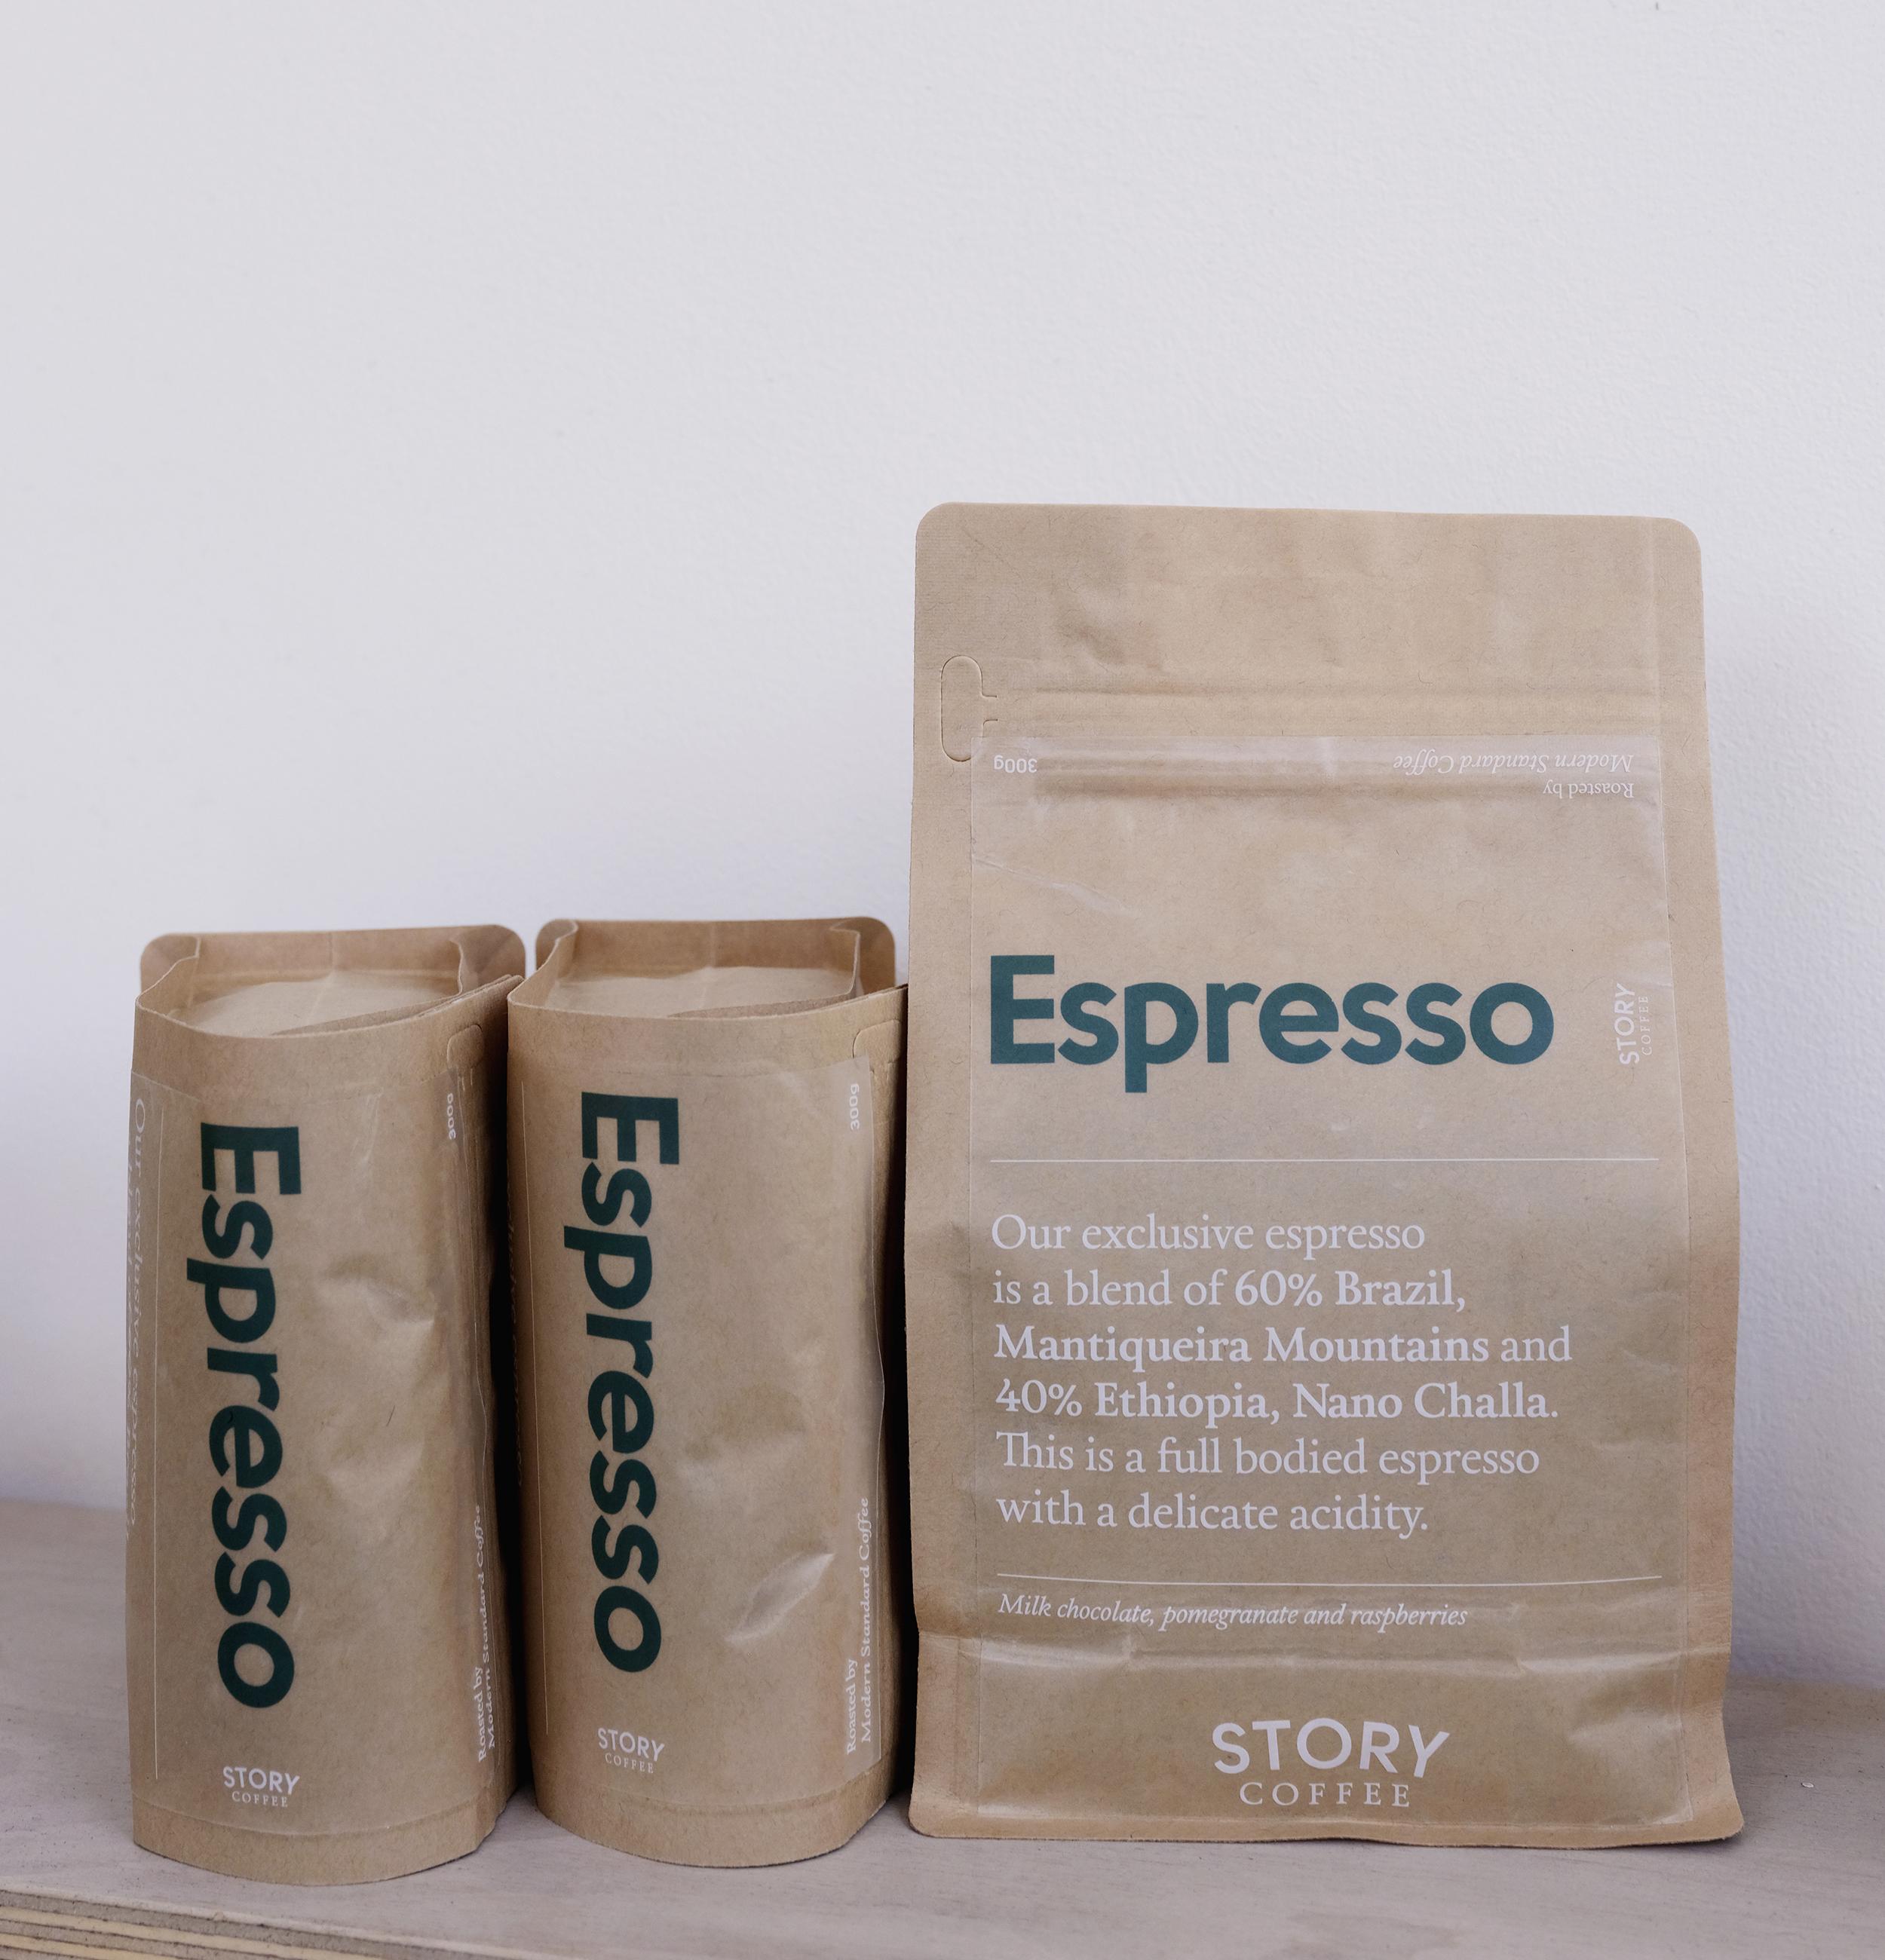 Story Coffee Espresso 300g Story Coffee